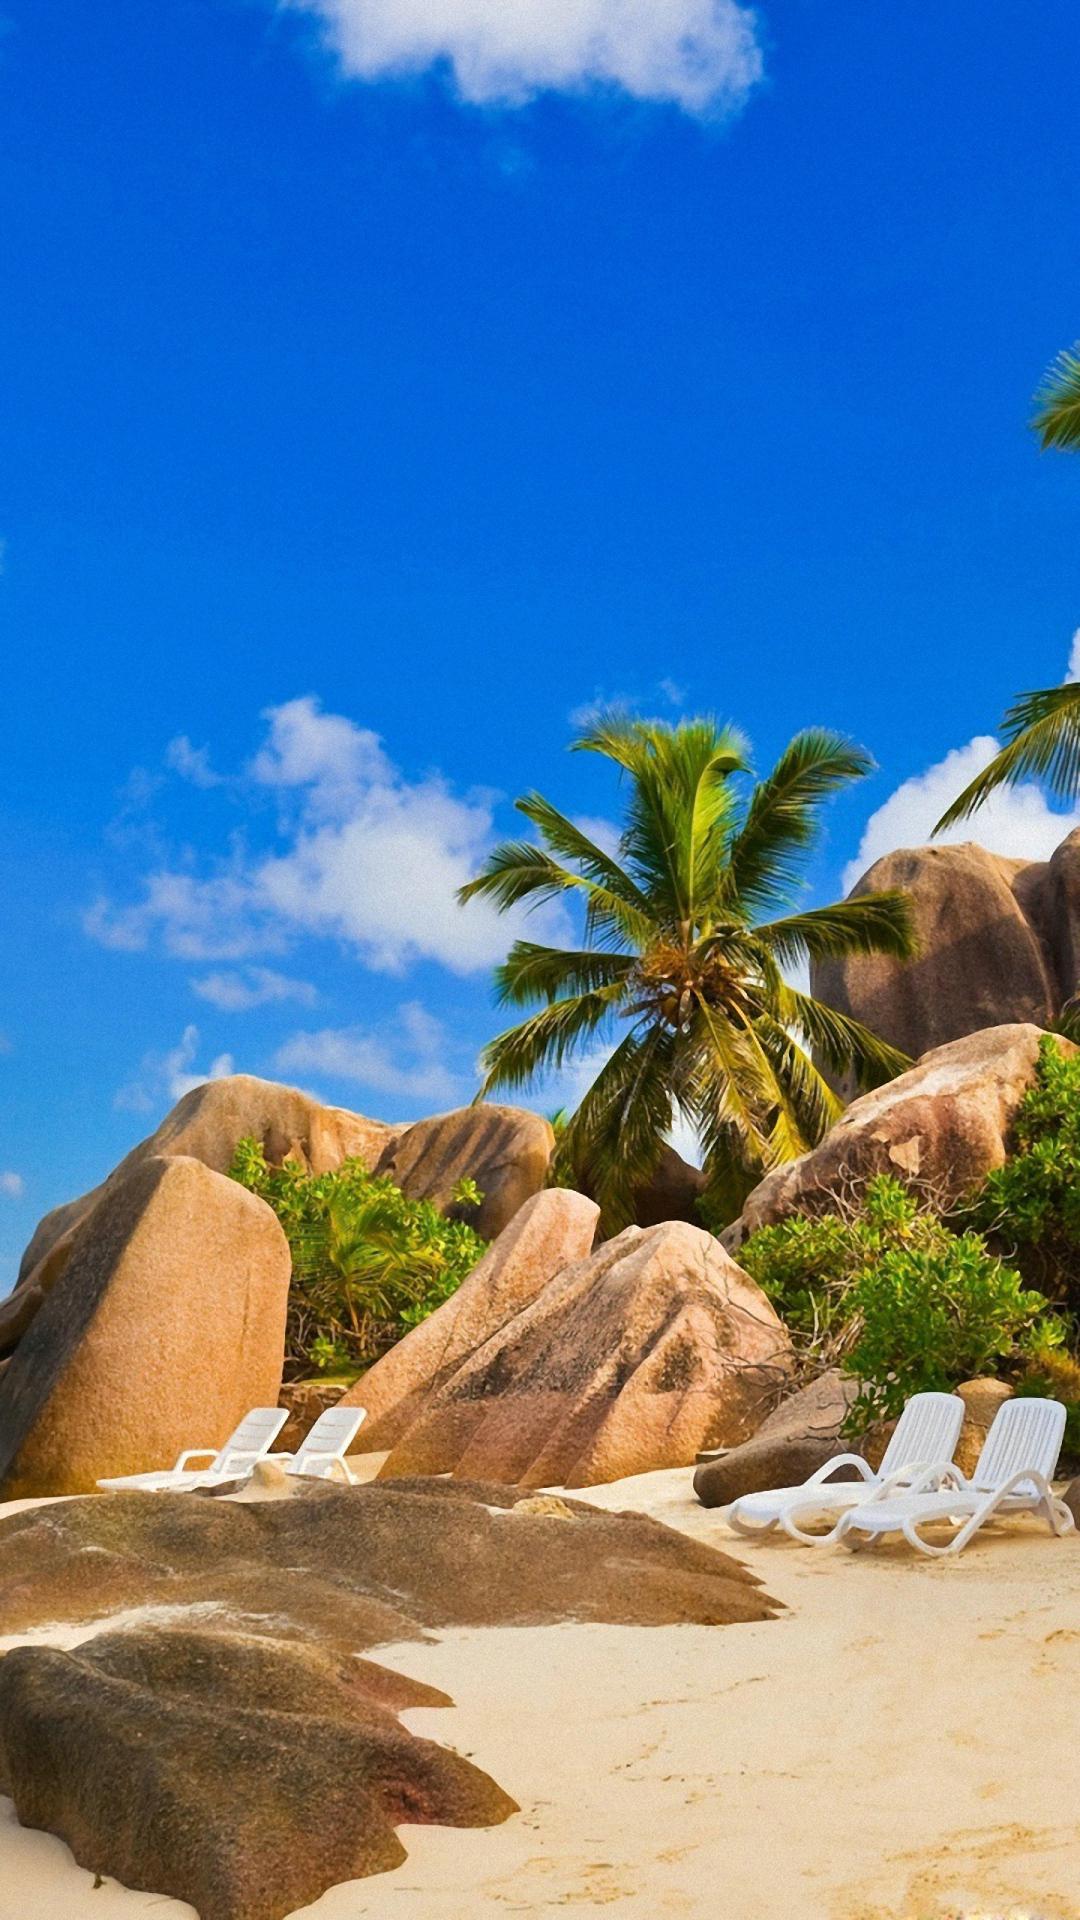 Free Pictures Beach Iphone Wallpaper Anse Soleil Beach Seychelles 1080x1920 Wallpaper Teahub Io